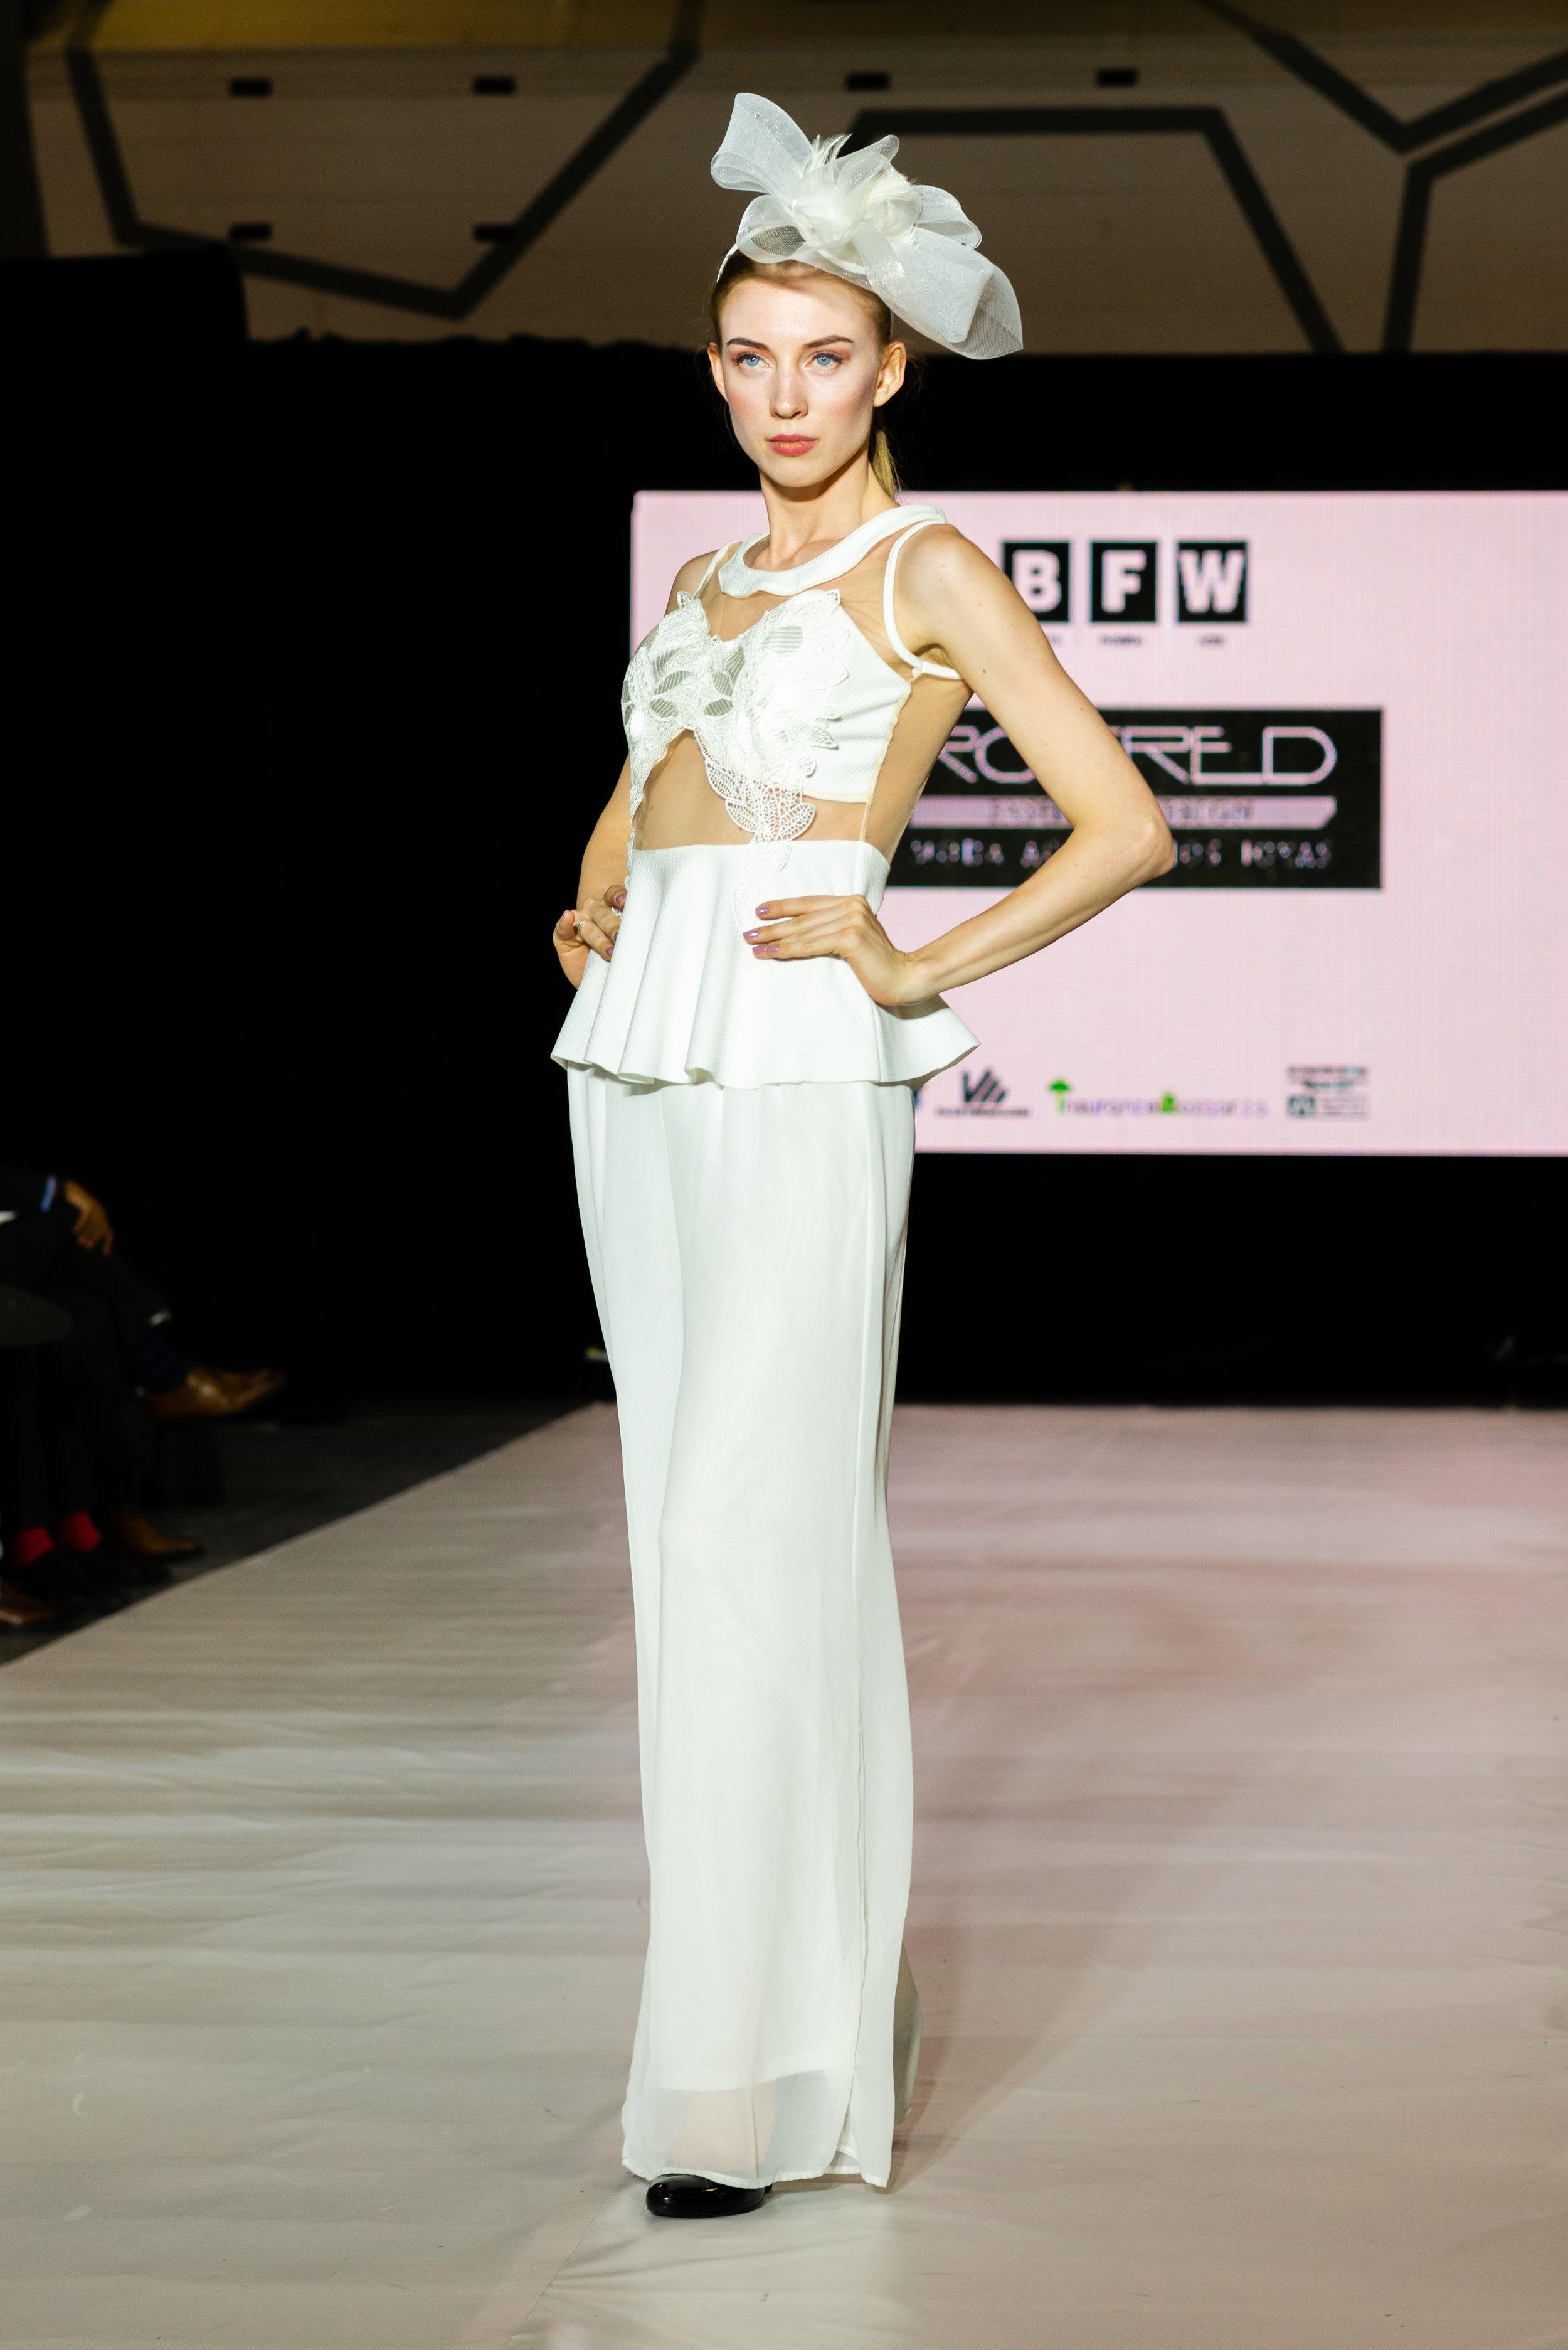 BFW10 - Rosred Fashion Design-D8A_2181.jpg